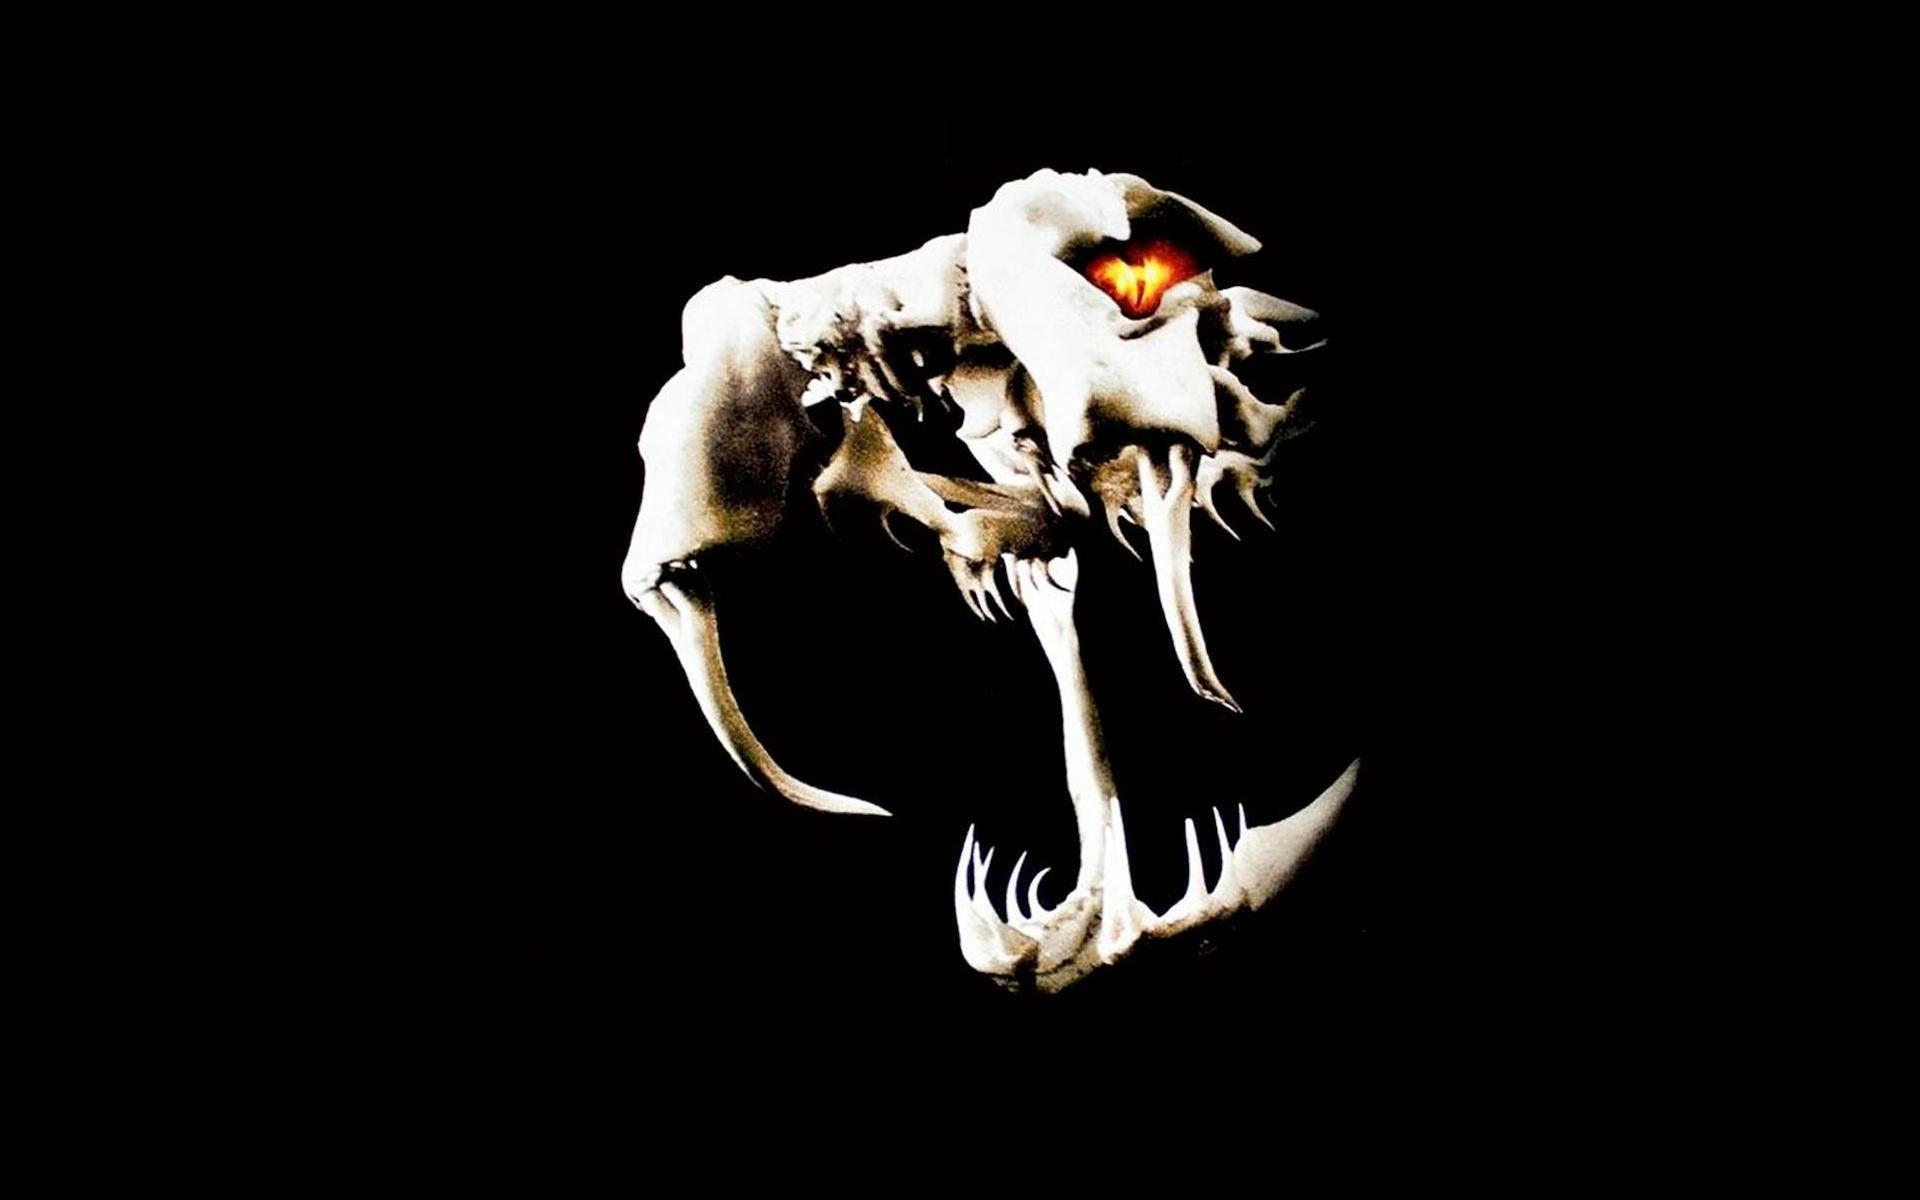 Randy Orton Viper Logo Wallpapers - Wallpaper Cave